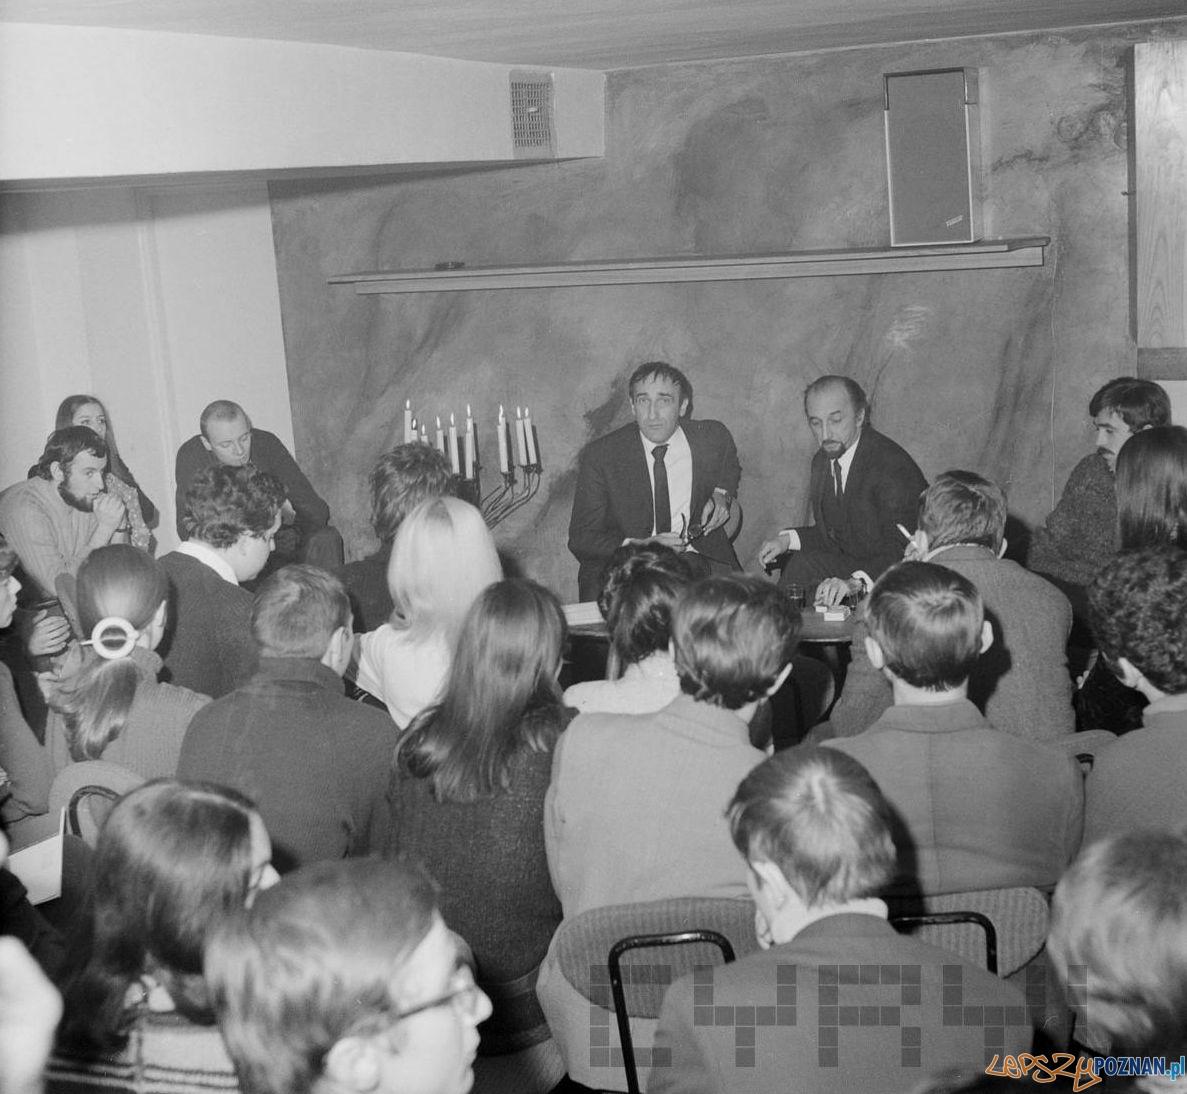 Spotkanie z Tadeuszem  Kantorem w klubie OdNowa 11.12.1968  Foto: Jerzy Nowakowski / Cyryl